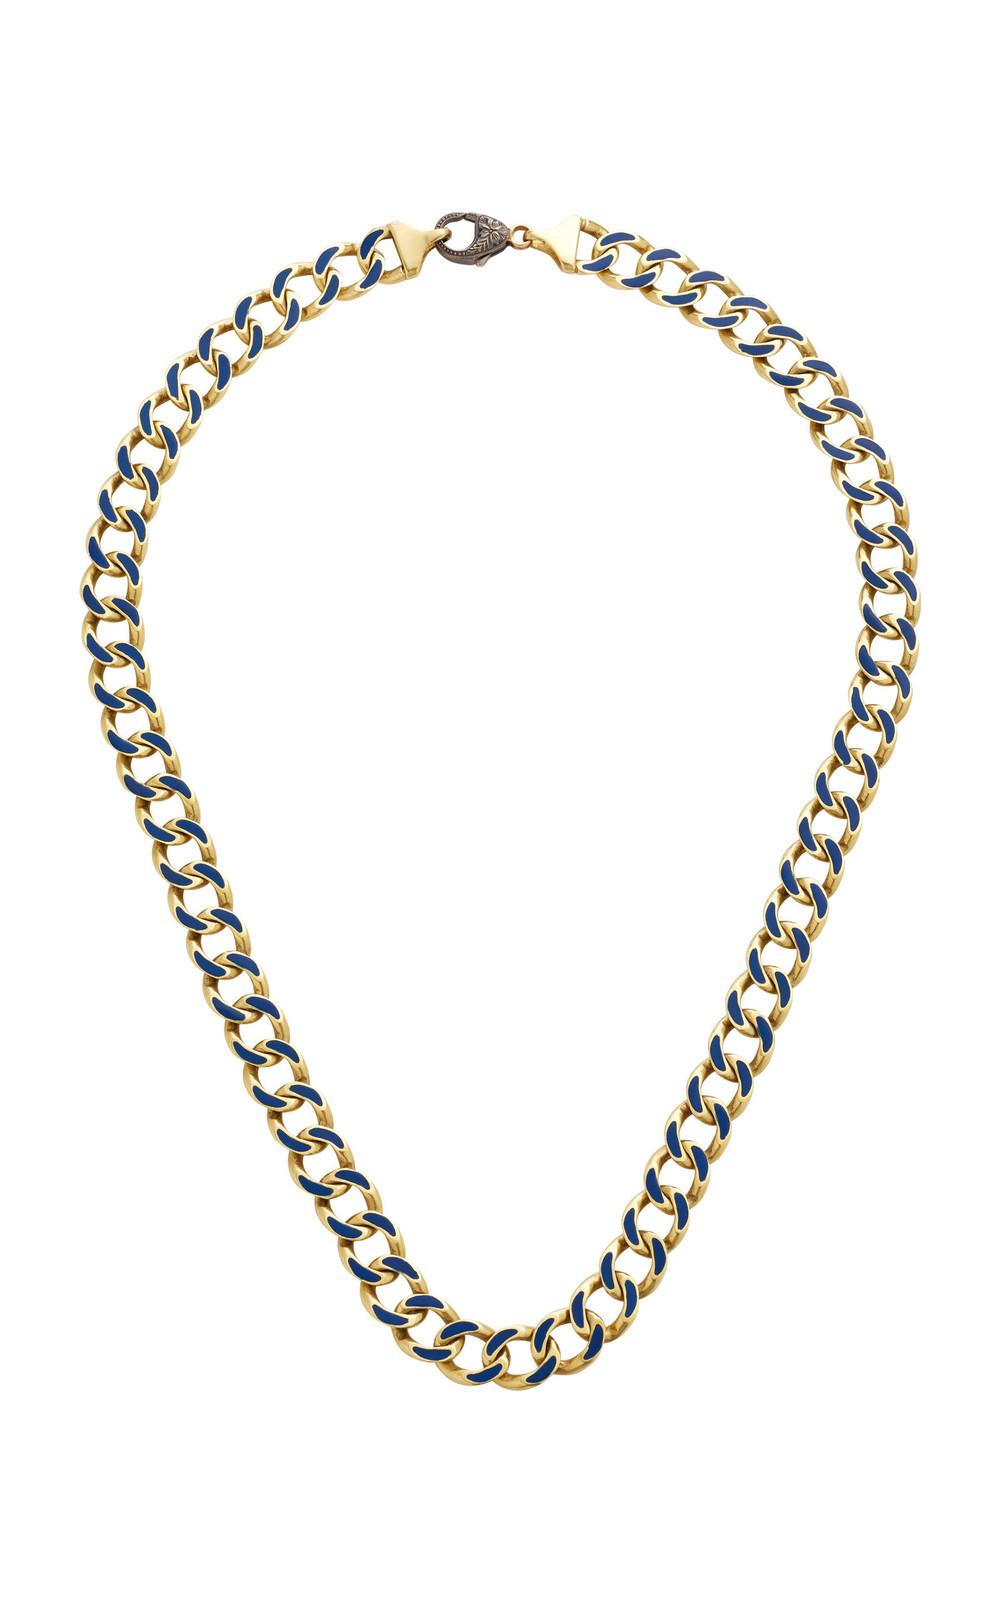 Sylva & Cie 18K Gold Enamel Necklace in blue